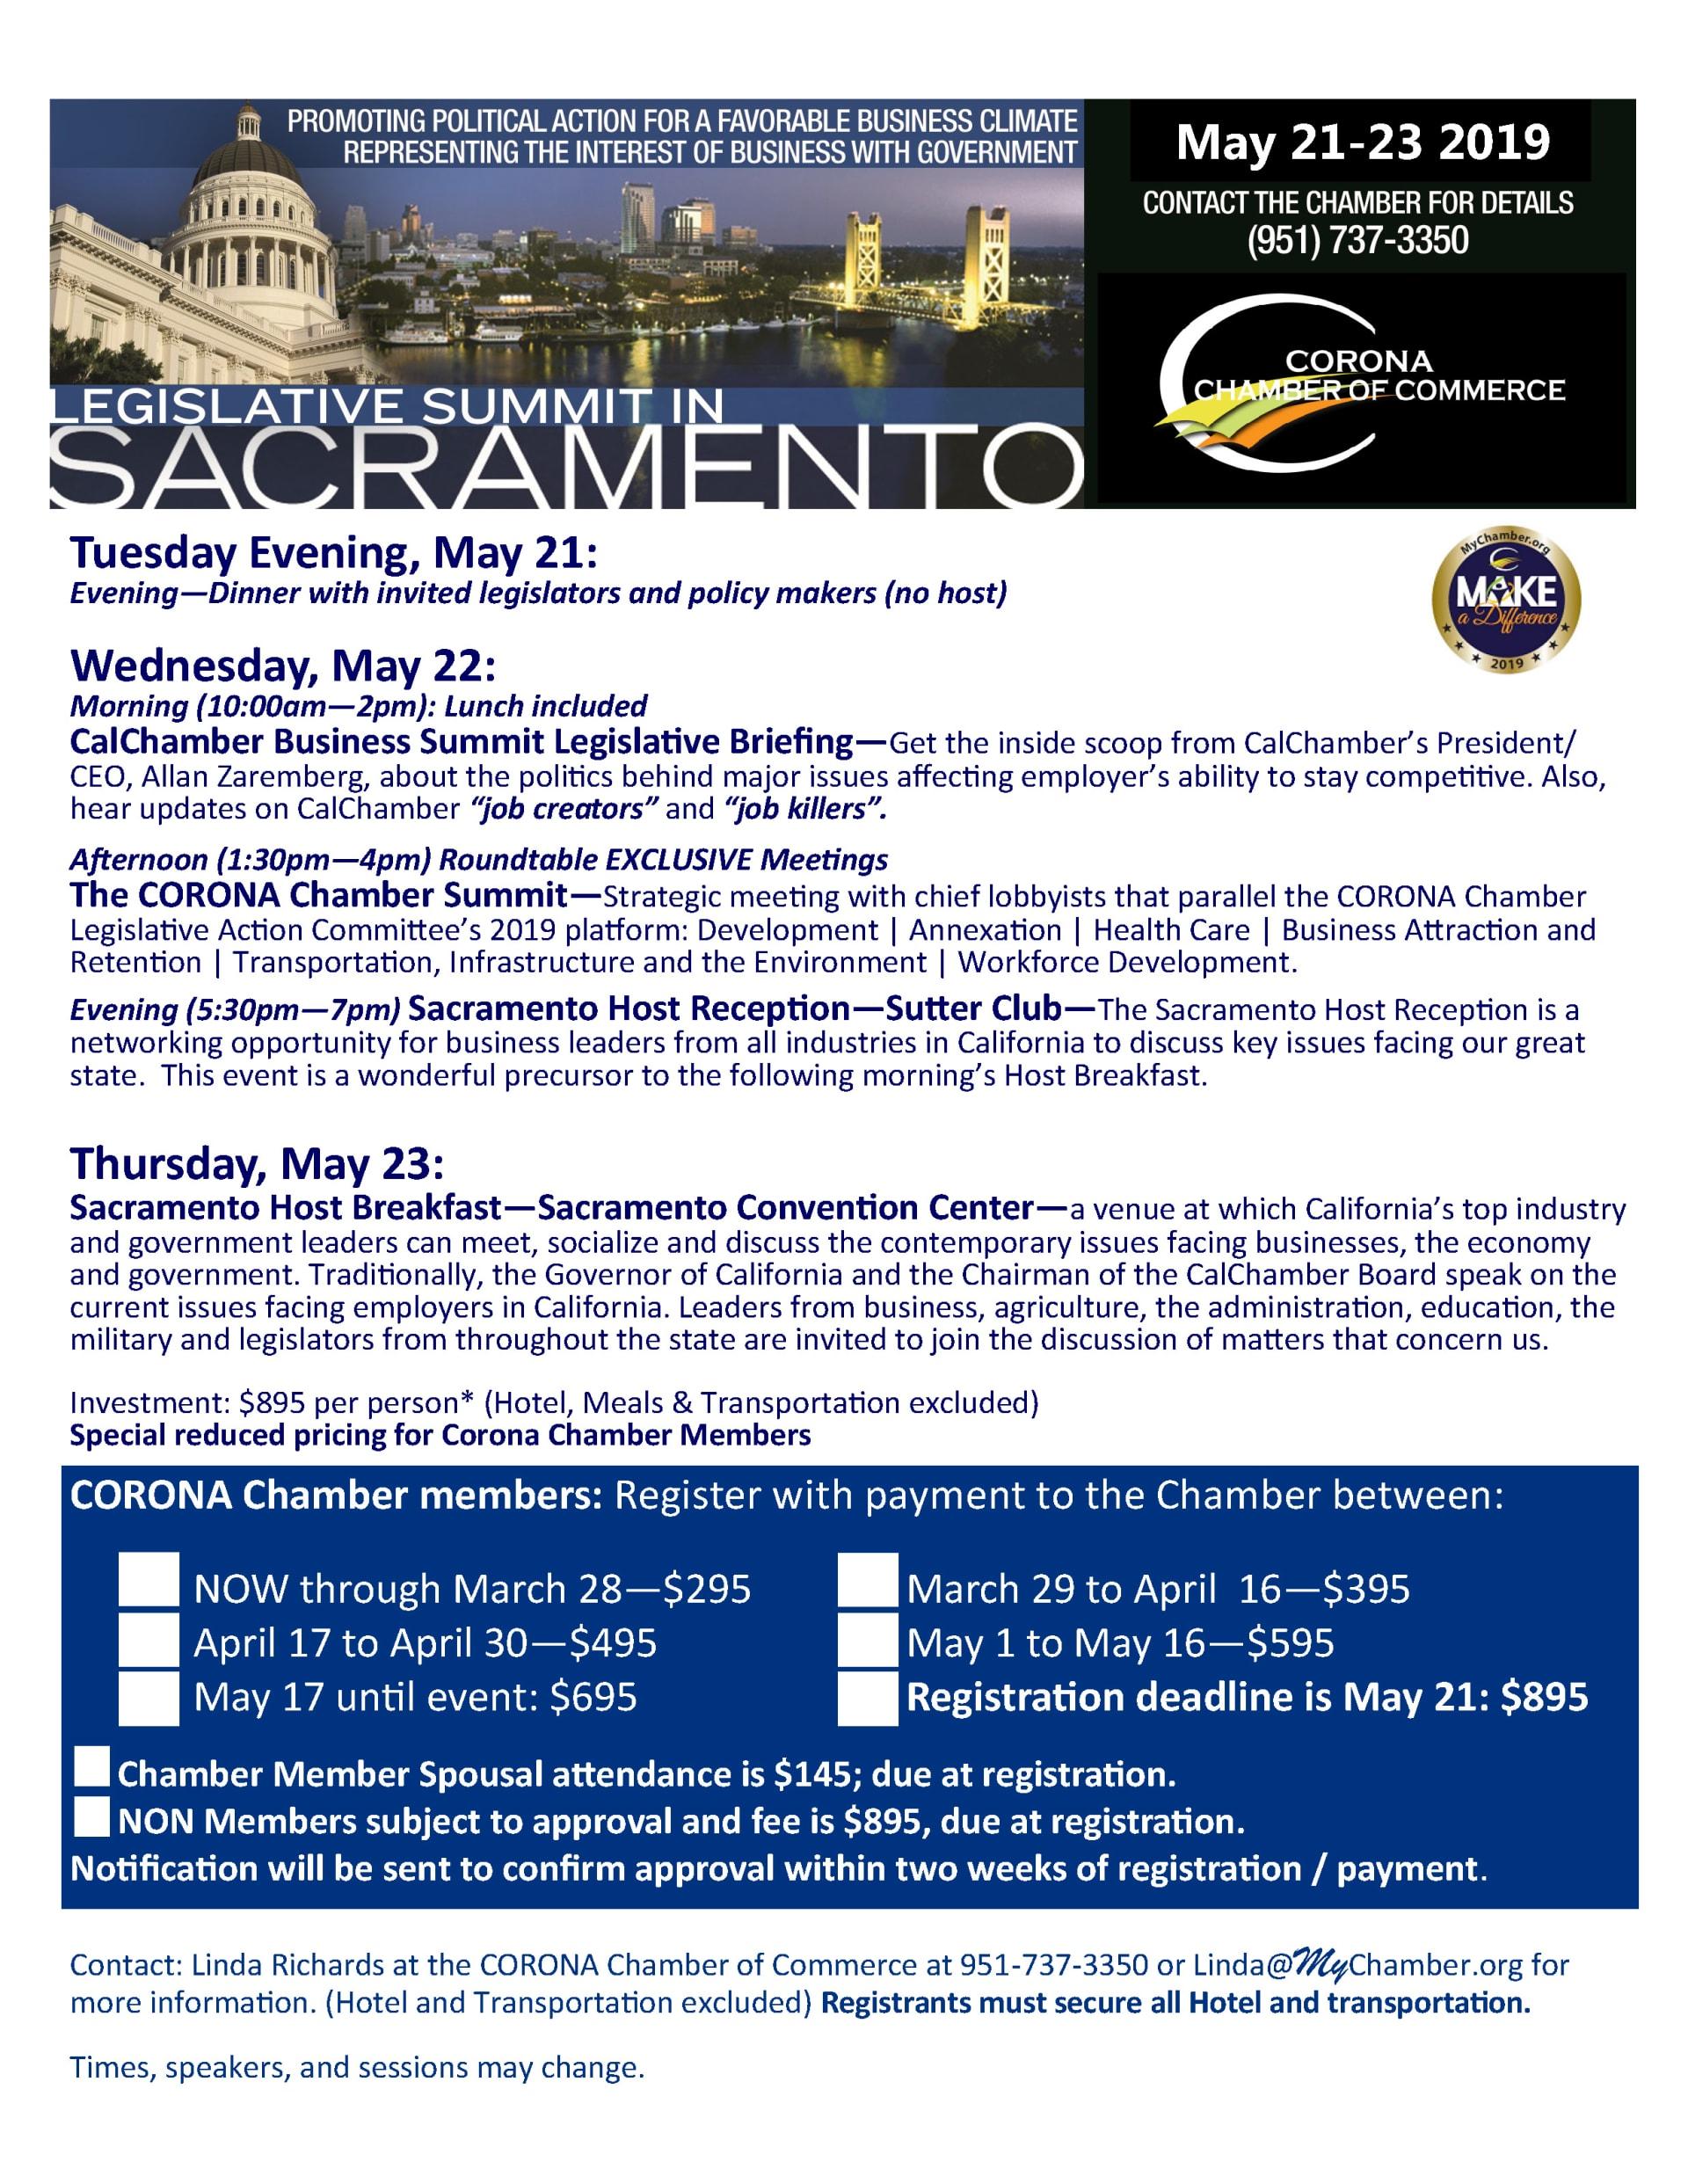 Sacramento-Summit-2019-May-21-to-May-23-w1920.jpg